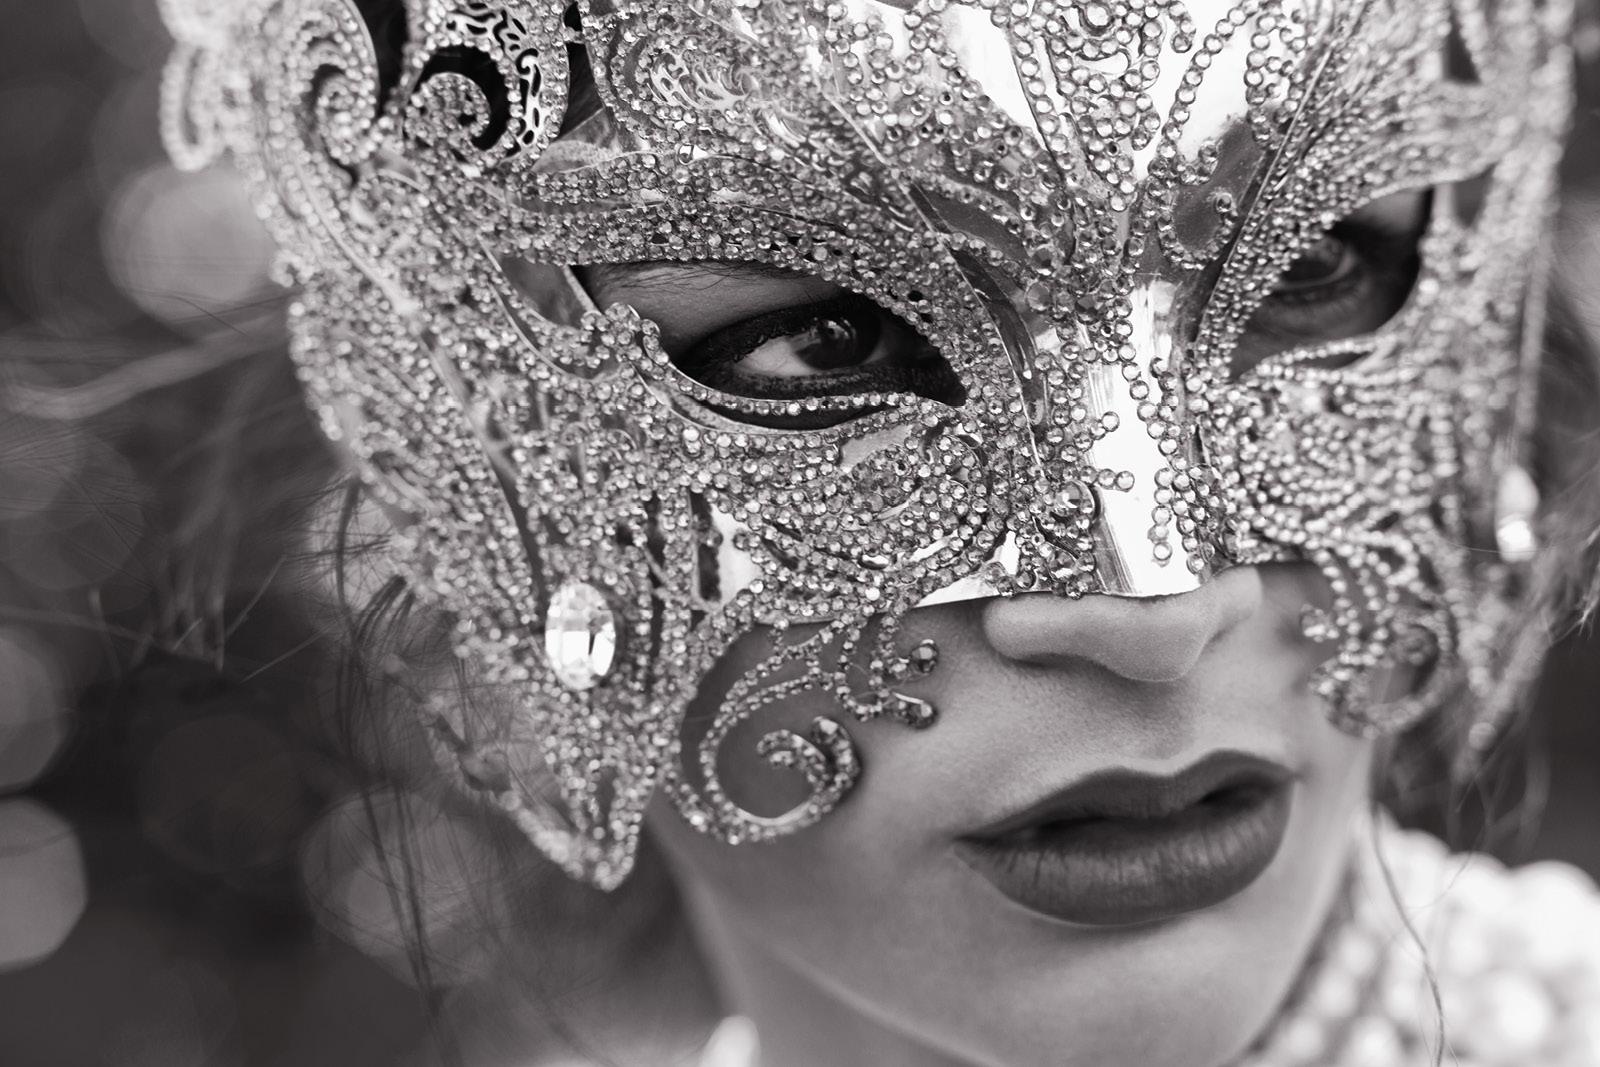 Masquerade Mask EKATERINA KUKHAREVA